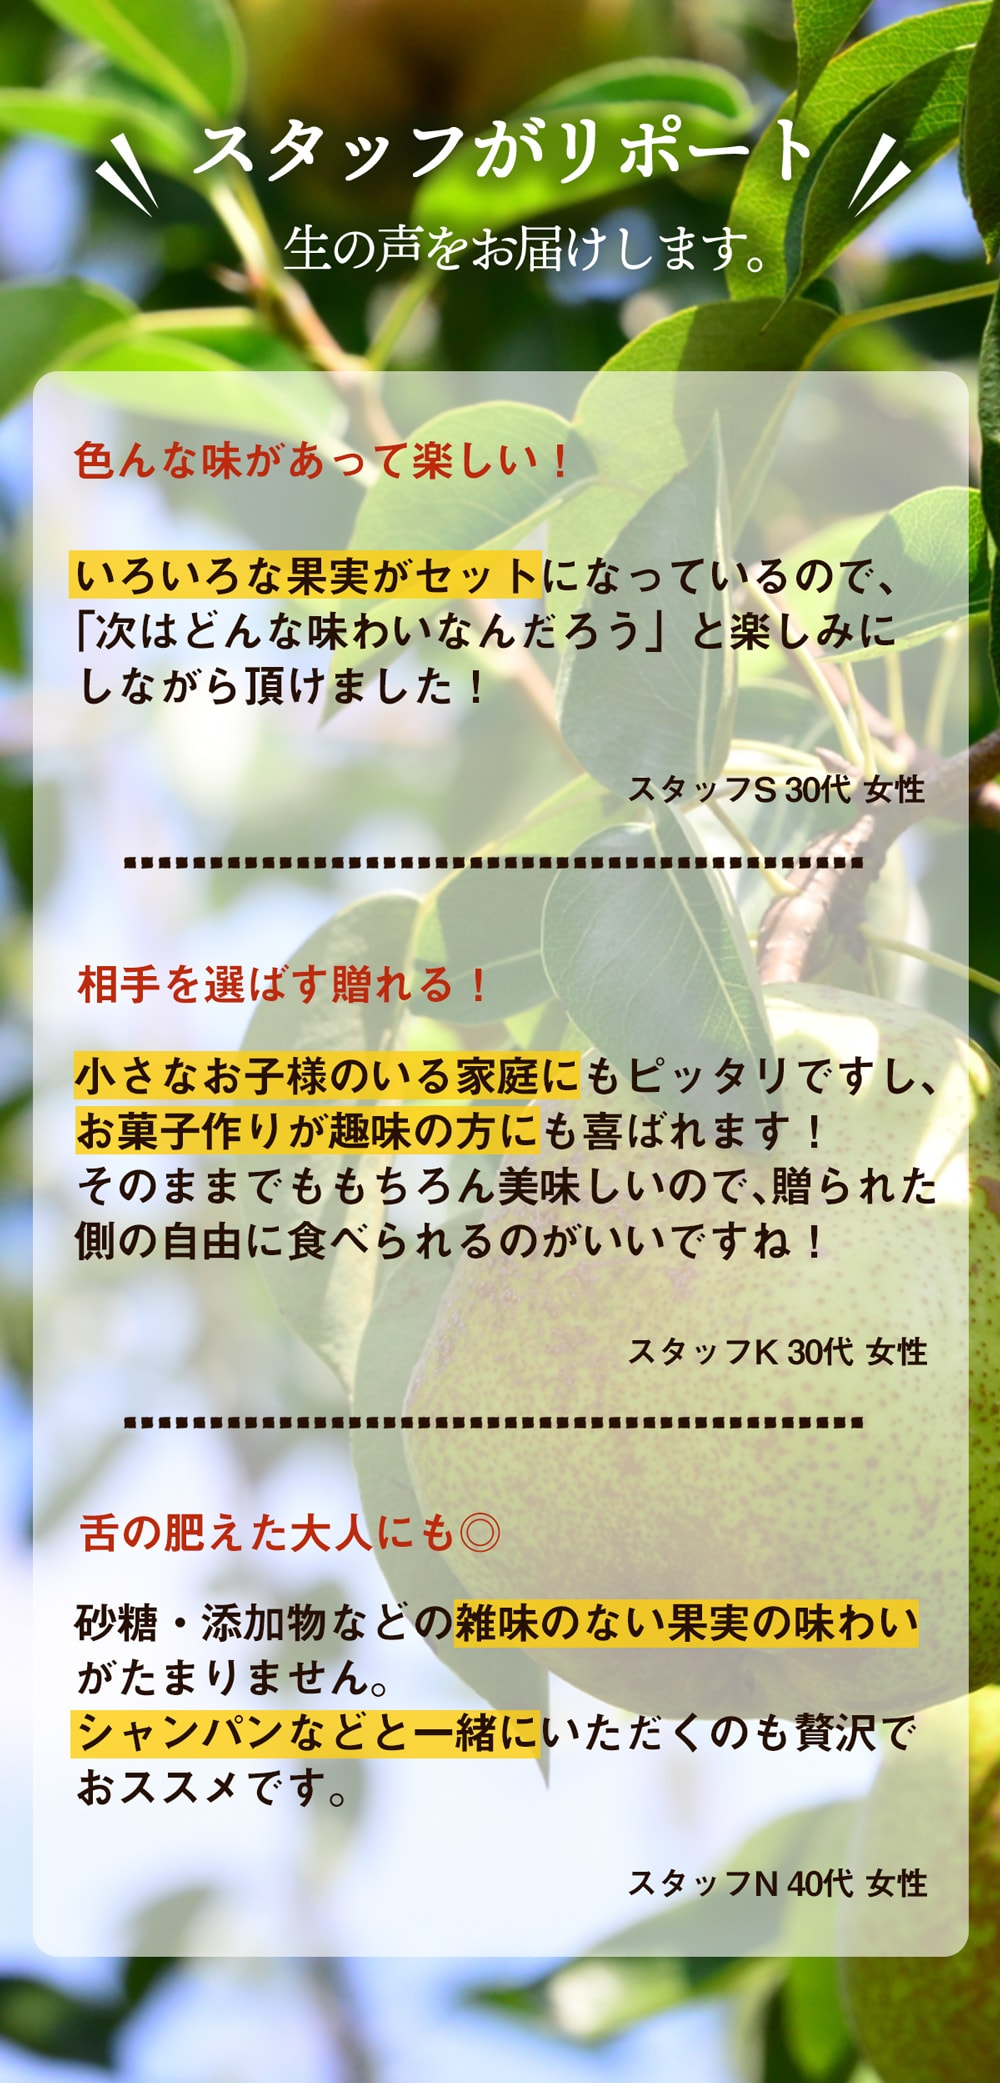 ドライフルーツ5種セット